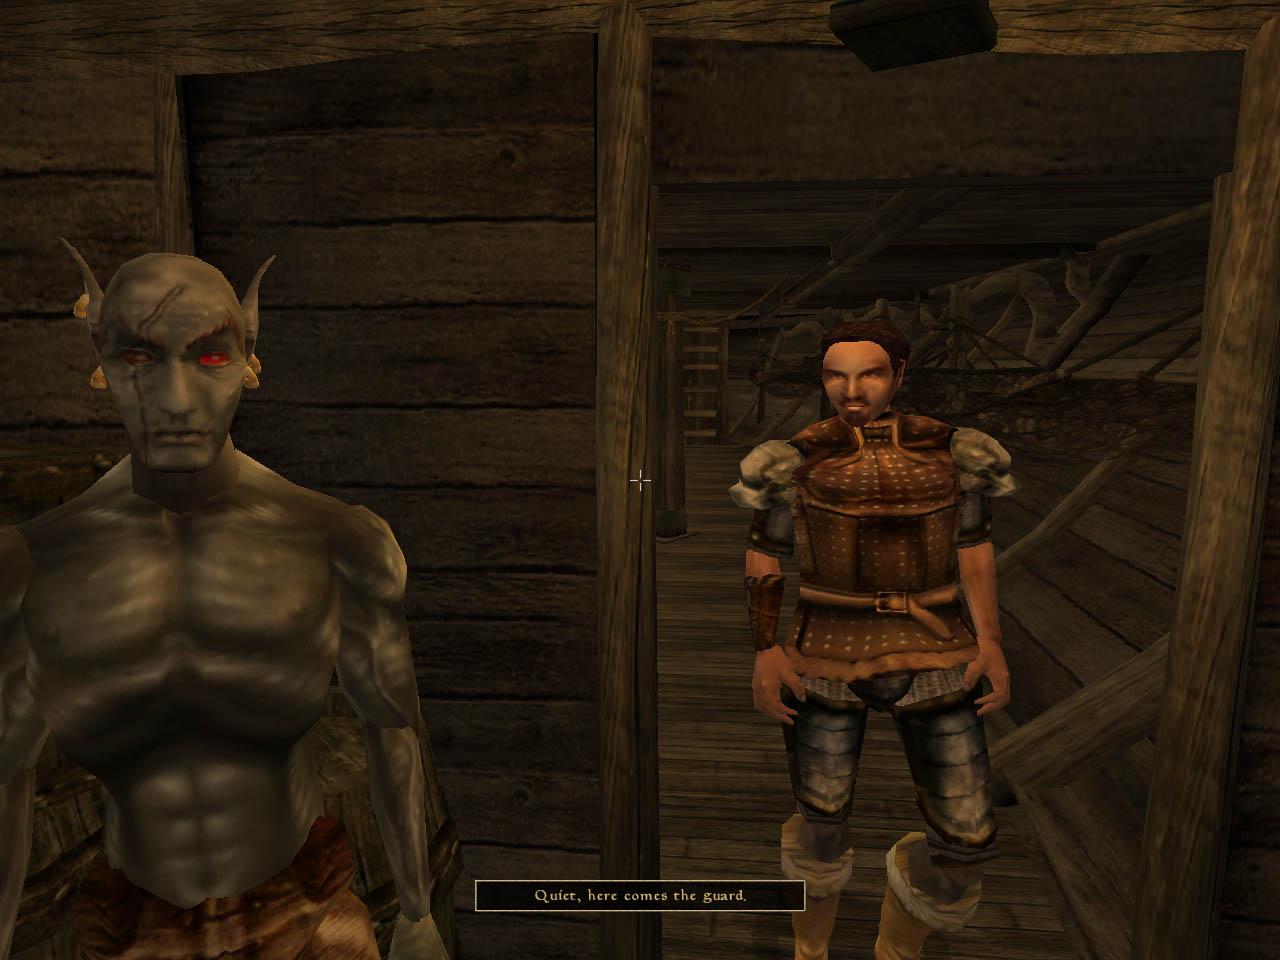 Elder_Scrolls-Morrowind_%252528PC%252529_02.jpg